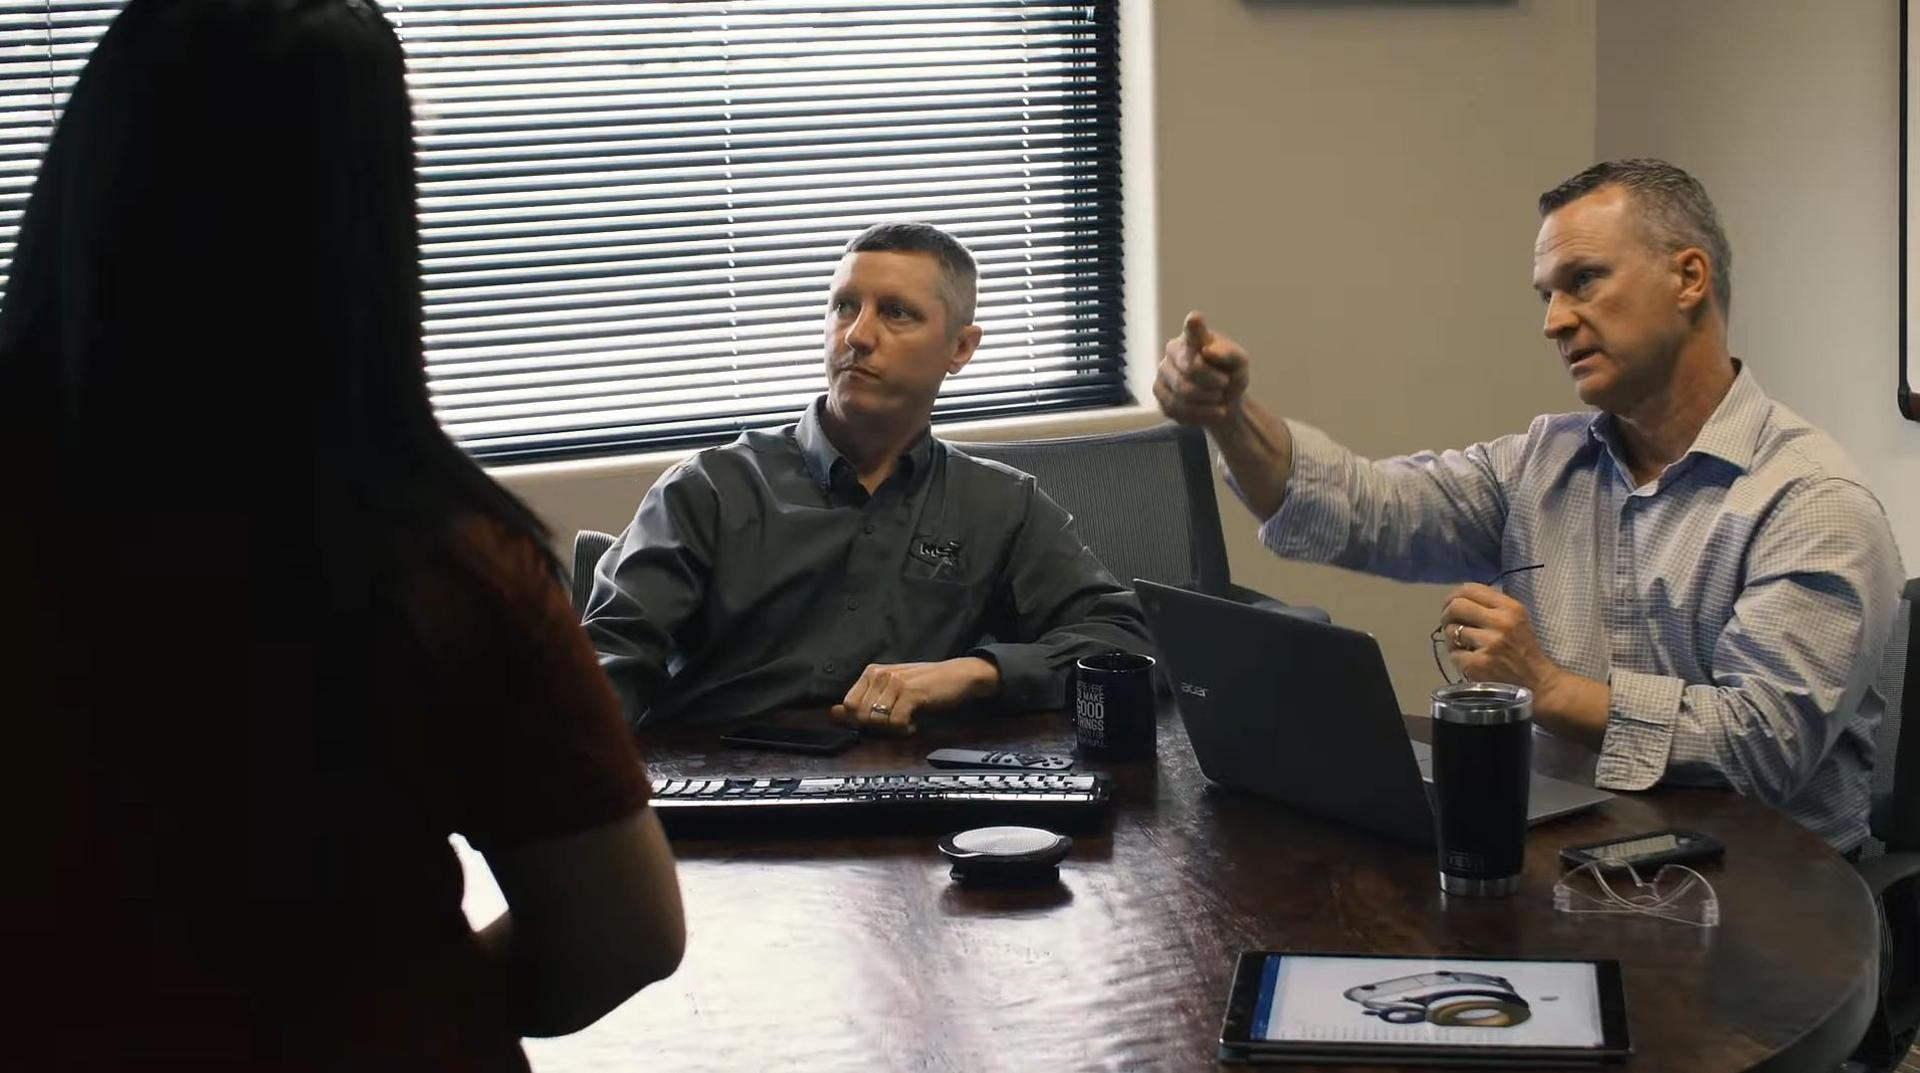 In Meetings können technische Dokumente schnell gezeigt werden